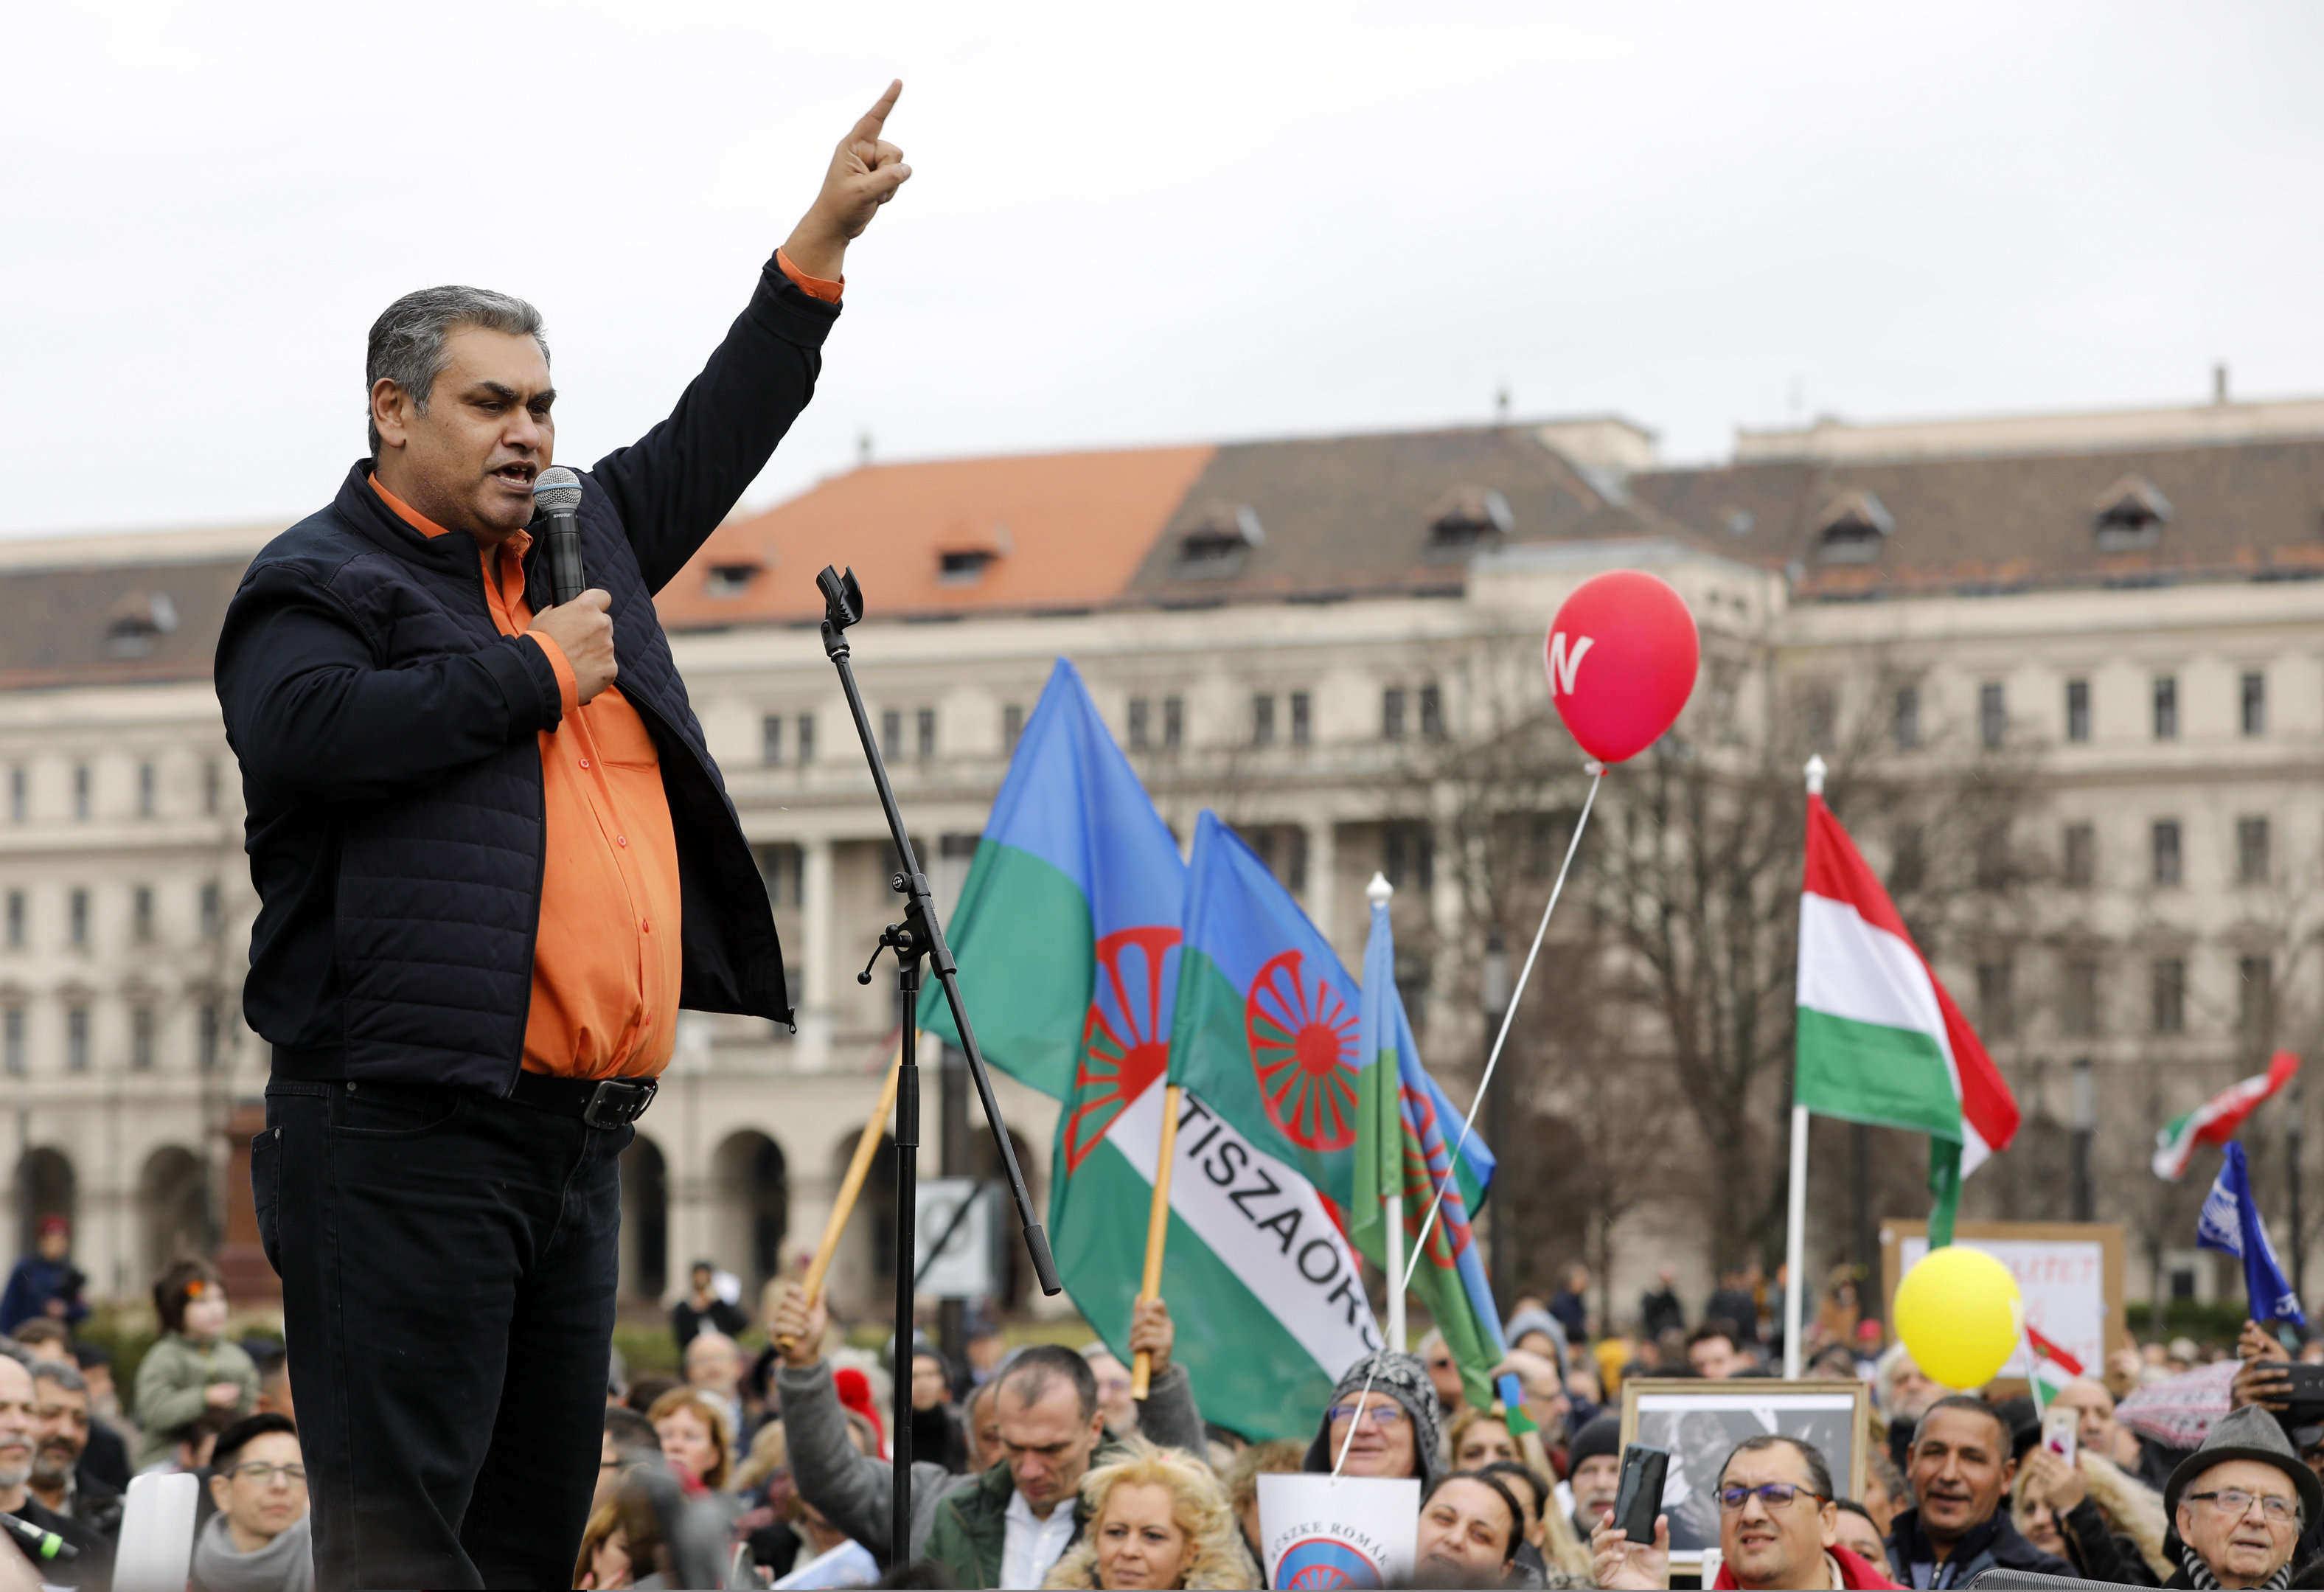 démonstration pour les roms